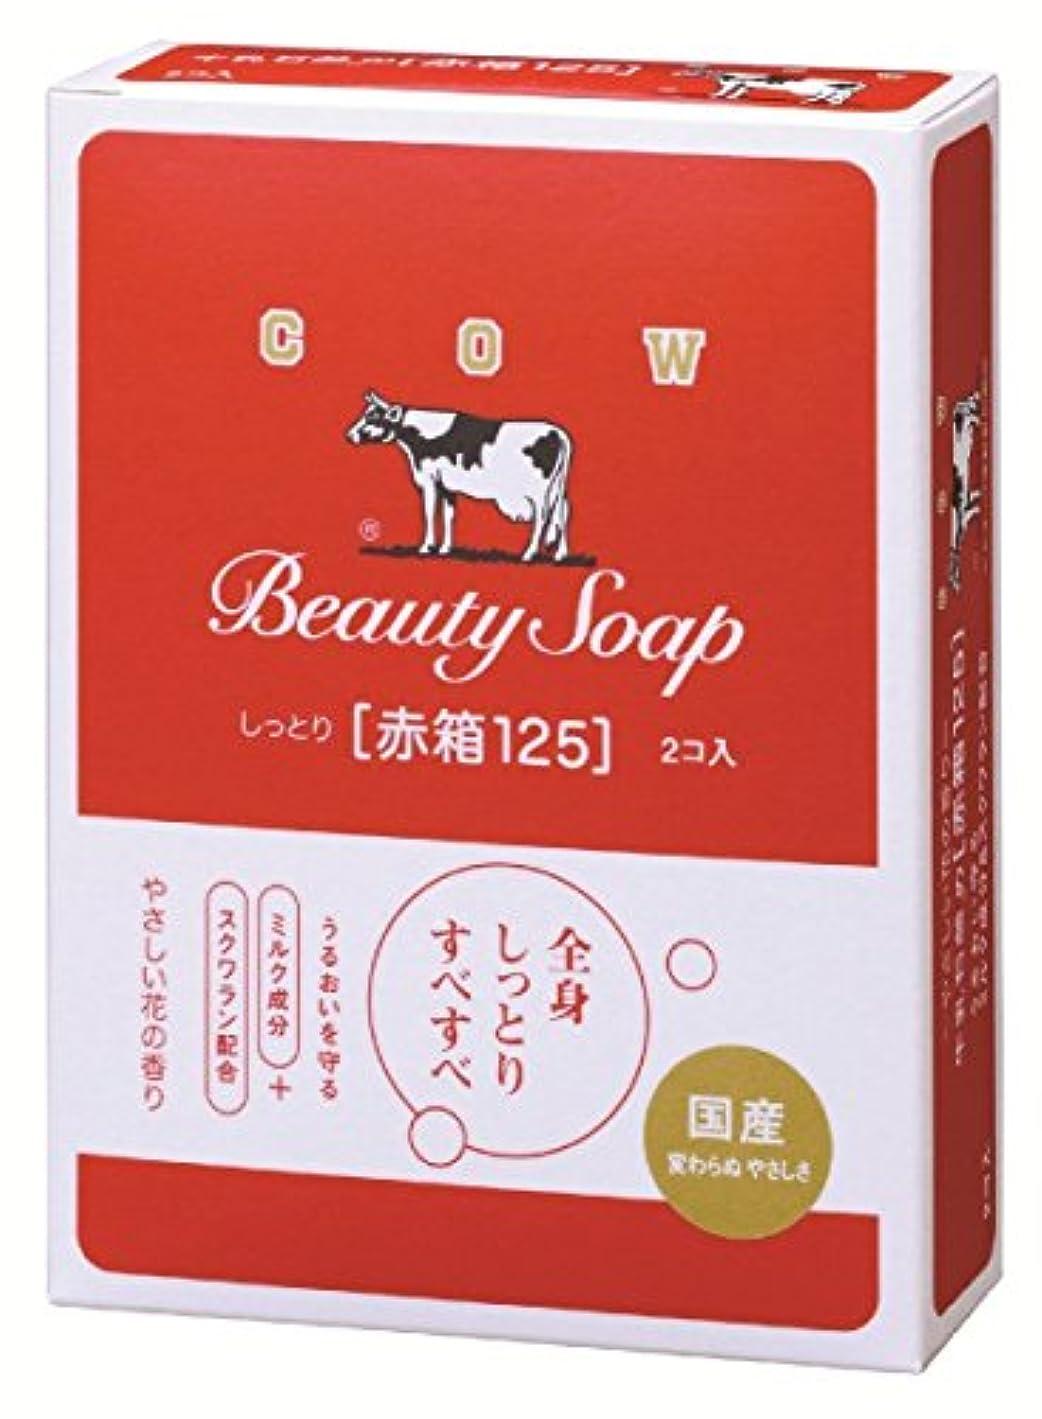 ハードリング穿孔する古い牛乳石鹸共進社 カウブランド 赤箱 125g×2